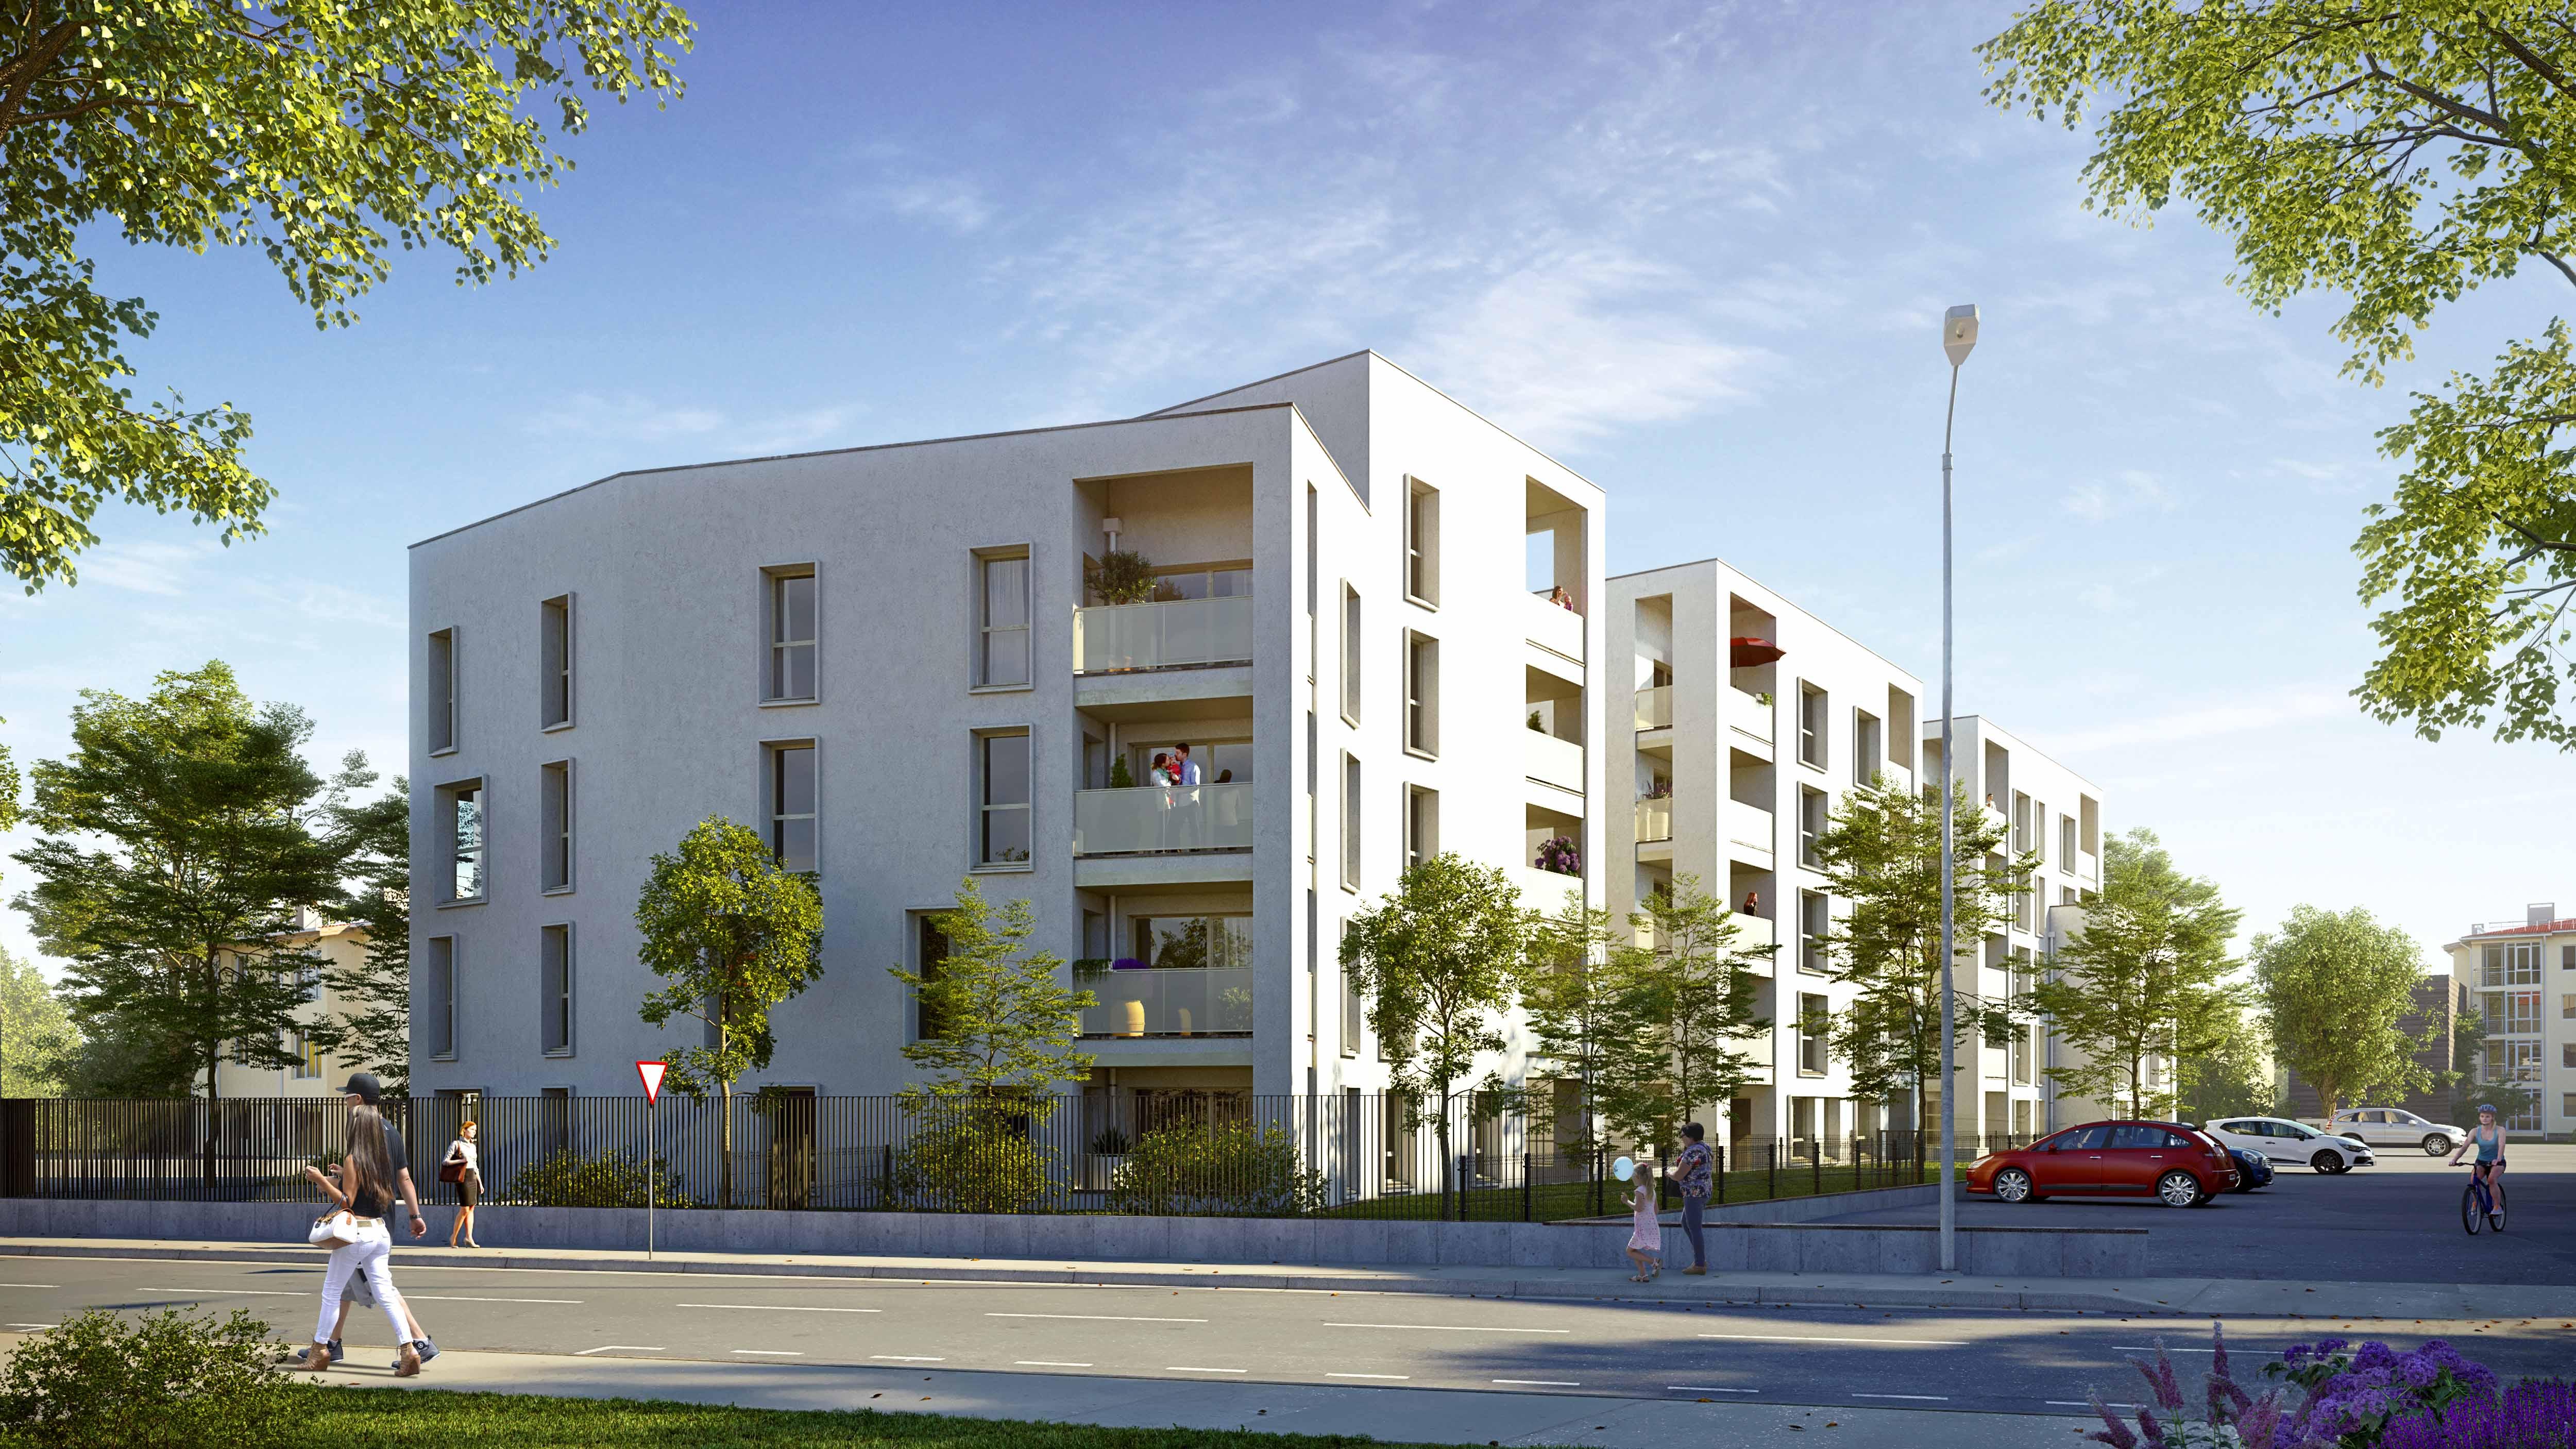 Programme immobilier Villefranche-sur-Saône (69400) Quartier calme à proximité du centre ville ALT94